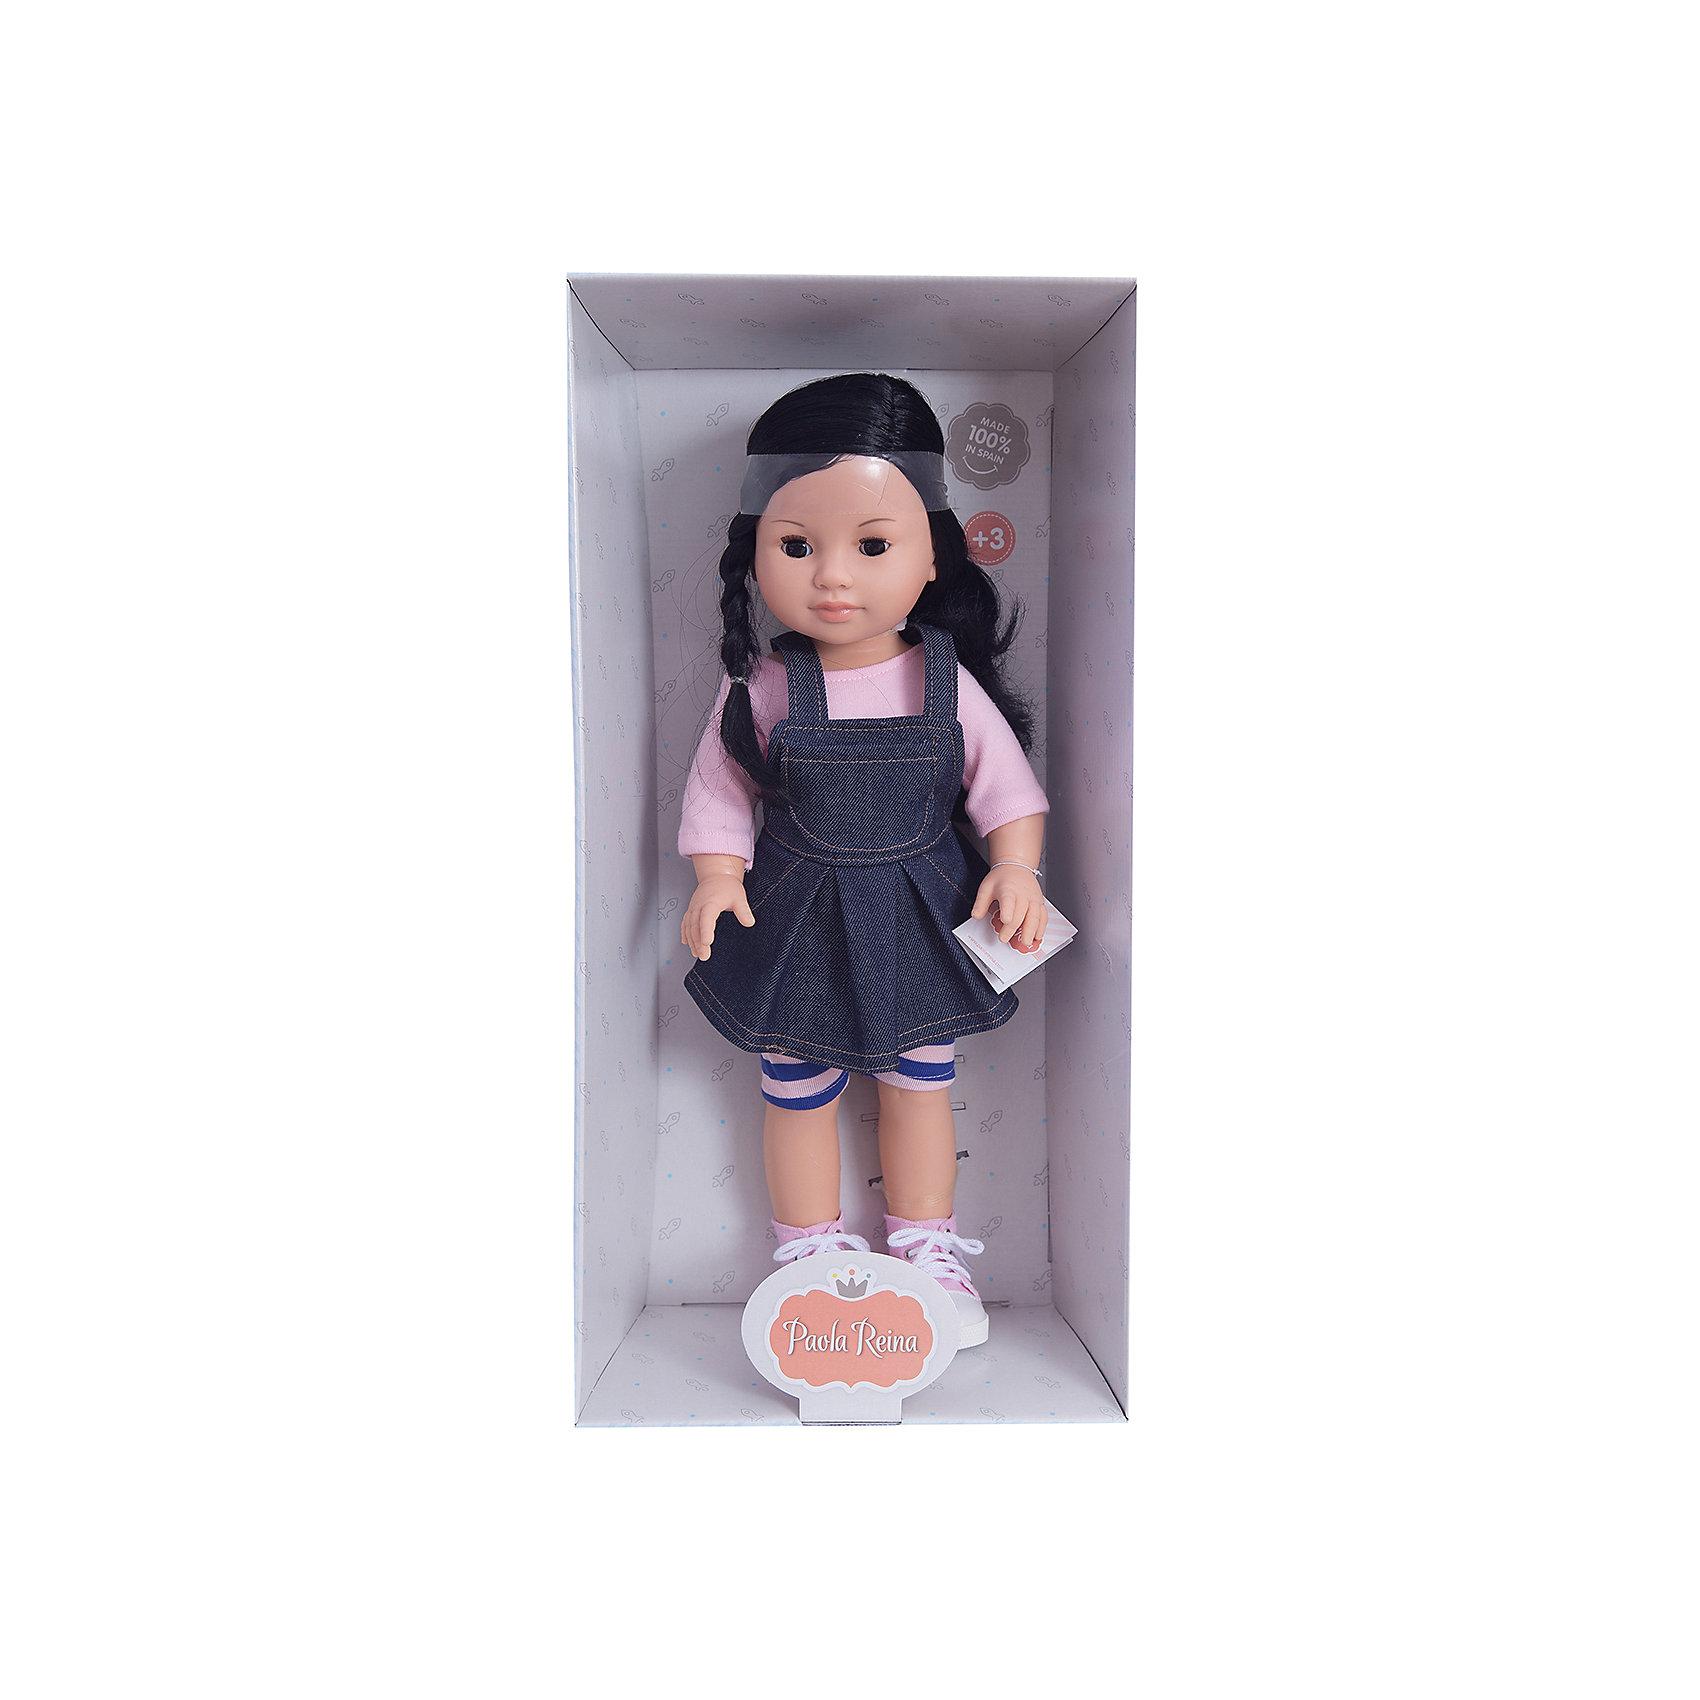 Кукла Лис, 42 см, Paola ReinaКлассические куклы<br>Кукла имеет нежный ванильный аромат; уникальный и неповторимый дизайн лица и тела; ручная работа (ресницы, веснушки, щечки, губы, прическа); волосы легко расчесываются и блестят; ручки, ножки и голова поворачиваются. <br>Качество подтверждено нормами безопасности EN17 ЕЭС. <br>Материалы: кукла изготовлена из винила; глаза выполнены в виде кристалла из прозрачного твердого пластика; волосы сделаны из высококачественного нейлона.<br><br>Ширина мм: 250<br>Глубина мм: 120<br>Высота мм: 500<br>Вес г: 1333<br>Возраст от месяцев: 36<br>Возраст до месяцев: 144<br>Пол: Женский<br>Возраст: Детский<br>SKU: 4795922